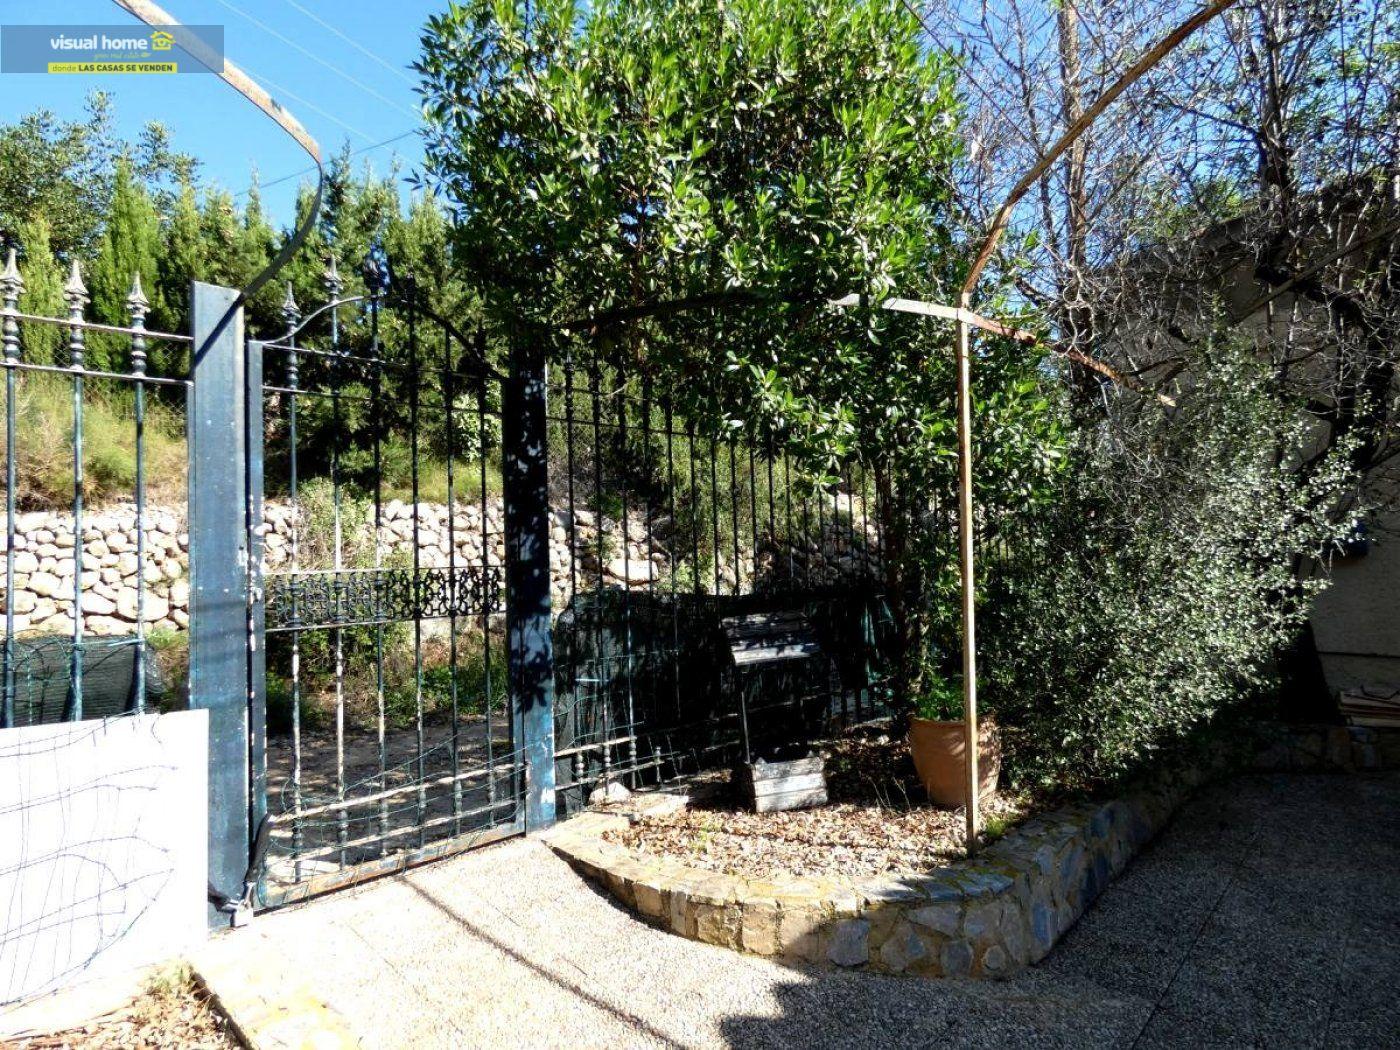 Chalet independiente muy cerca de Benidorm y de todos los servicios situado en un lugar de ensueño 40